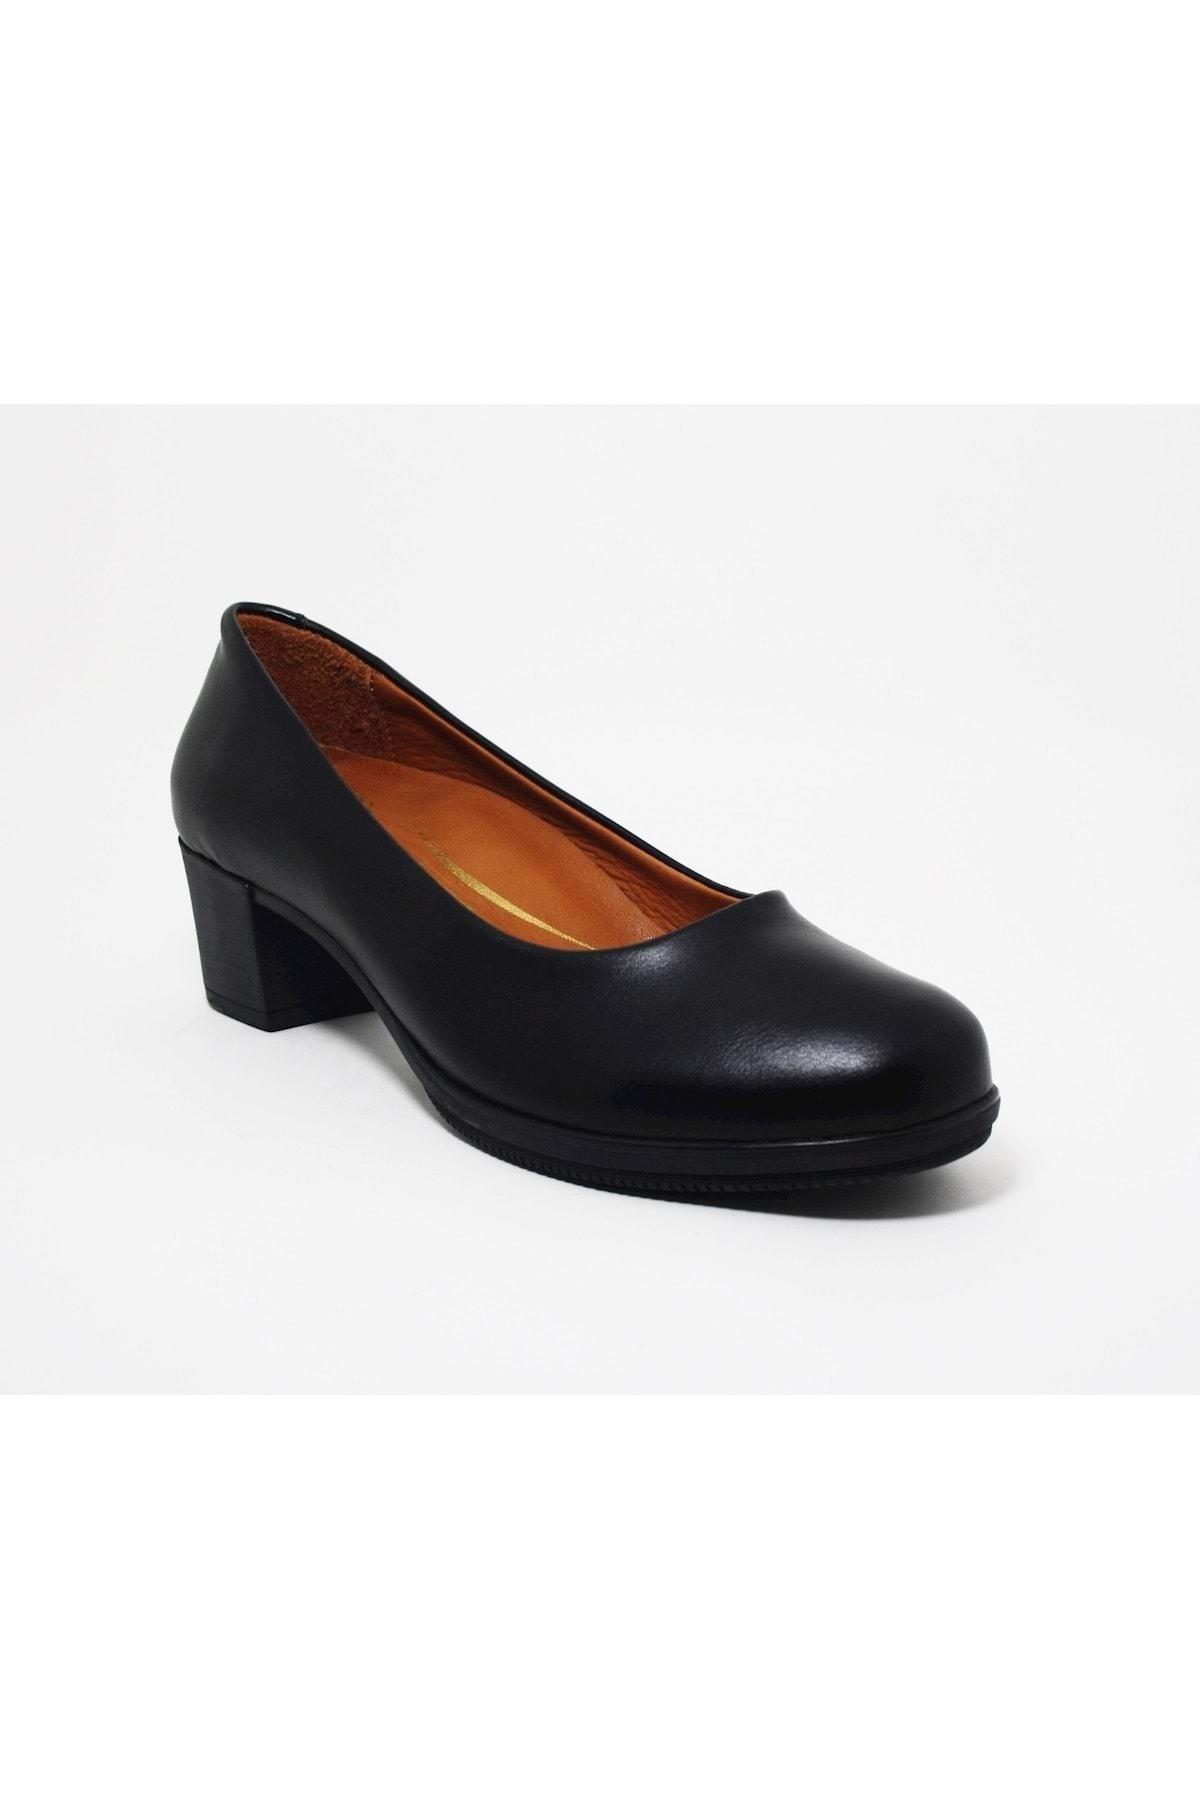 Polaris Kadın Siyah Ayakkabı